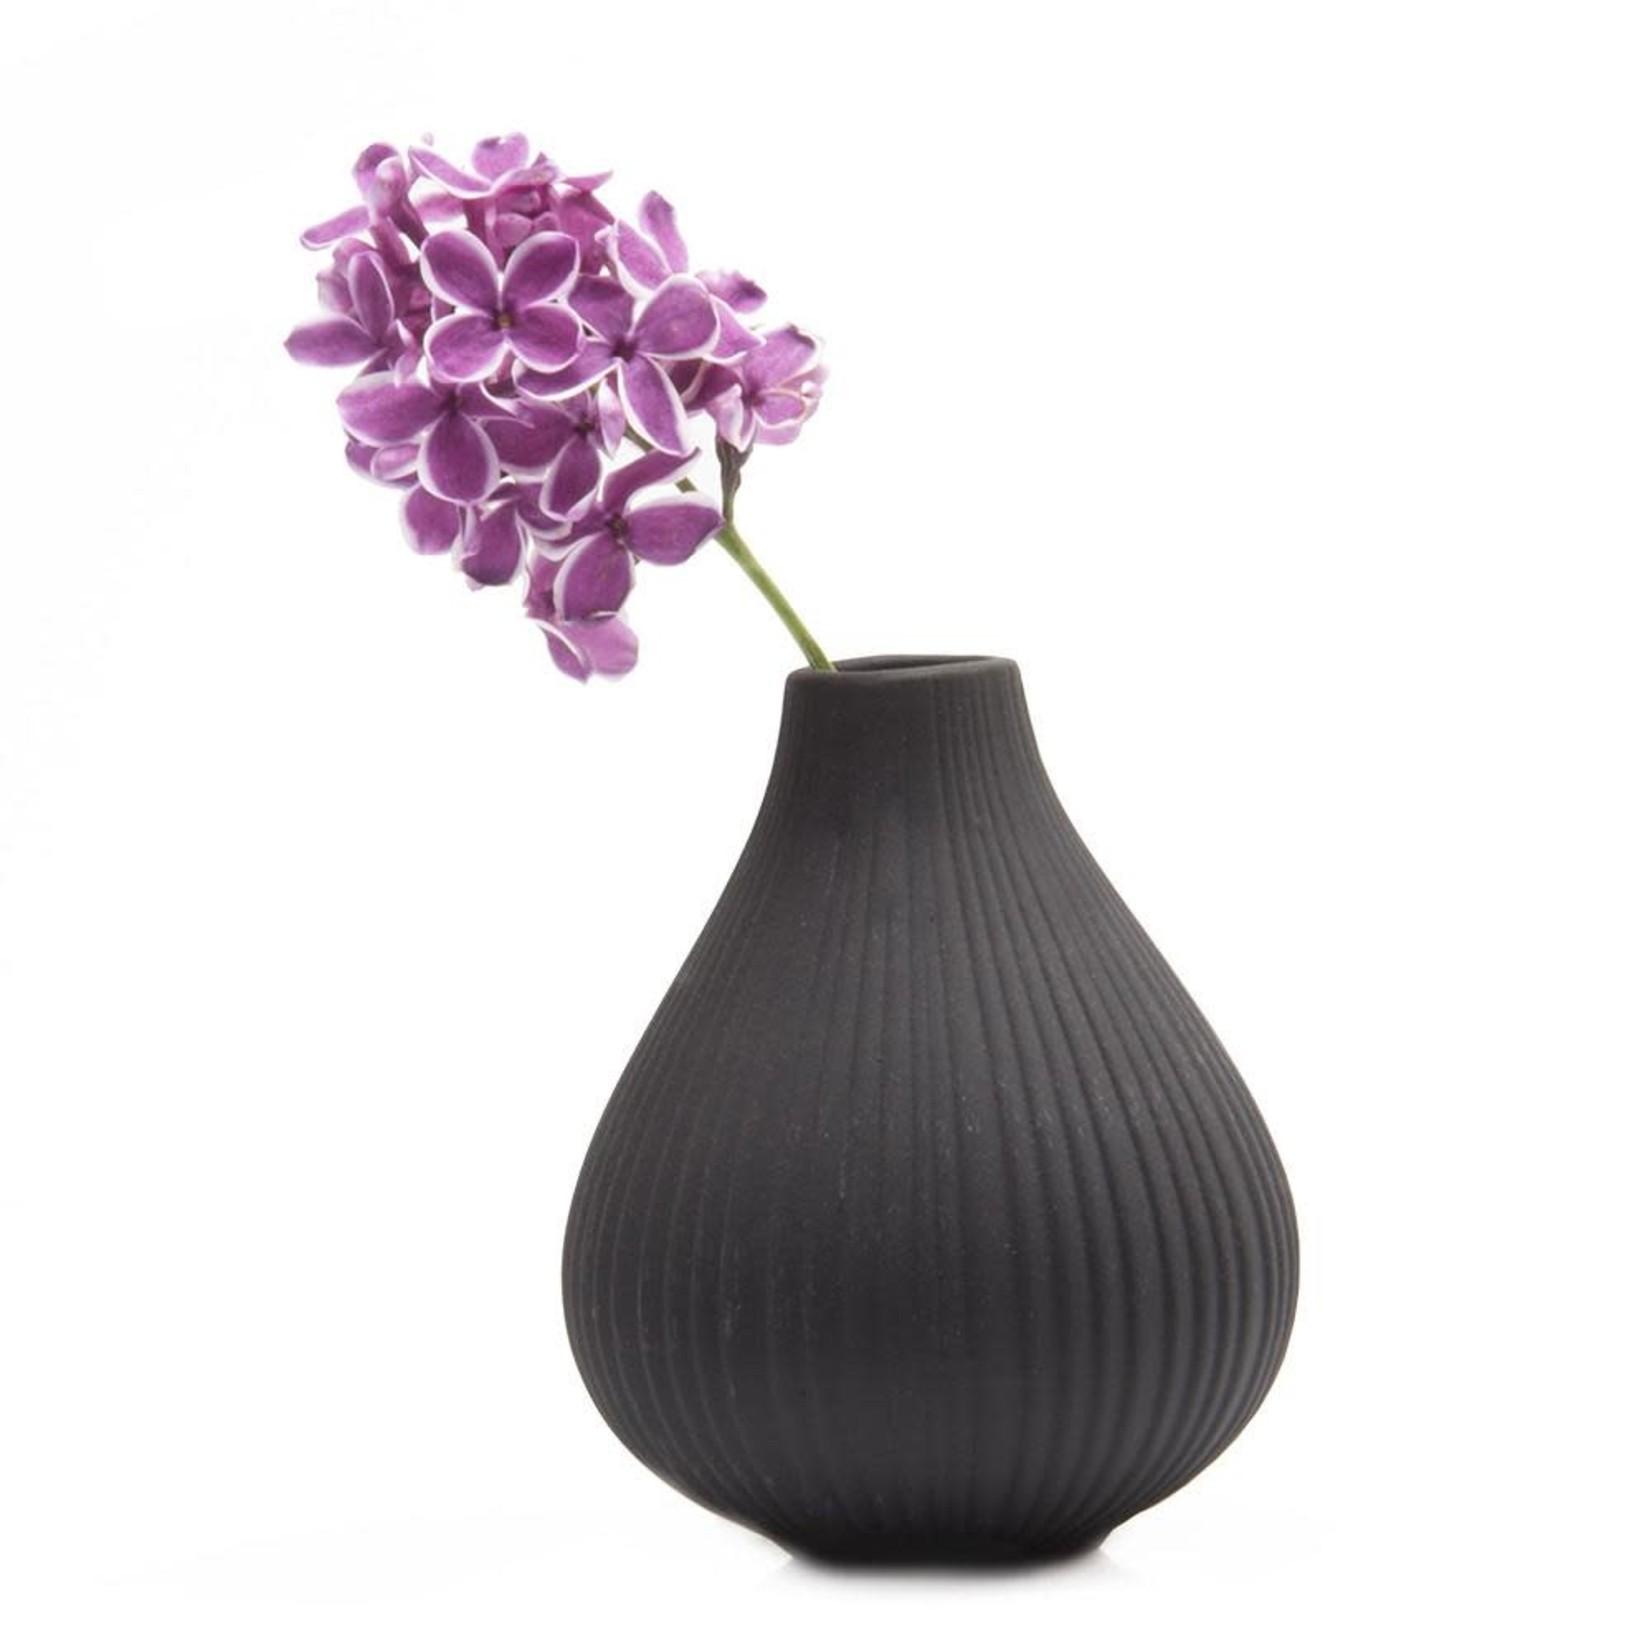 Chive Frost Vase in Black